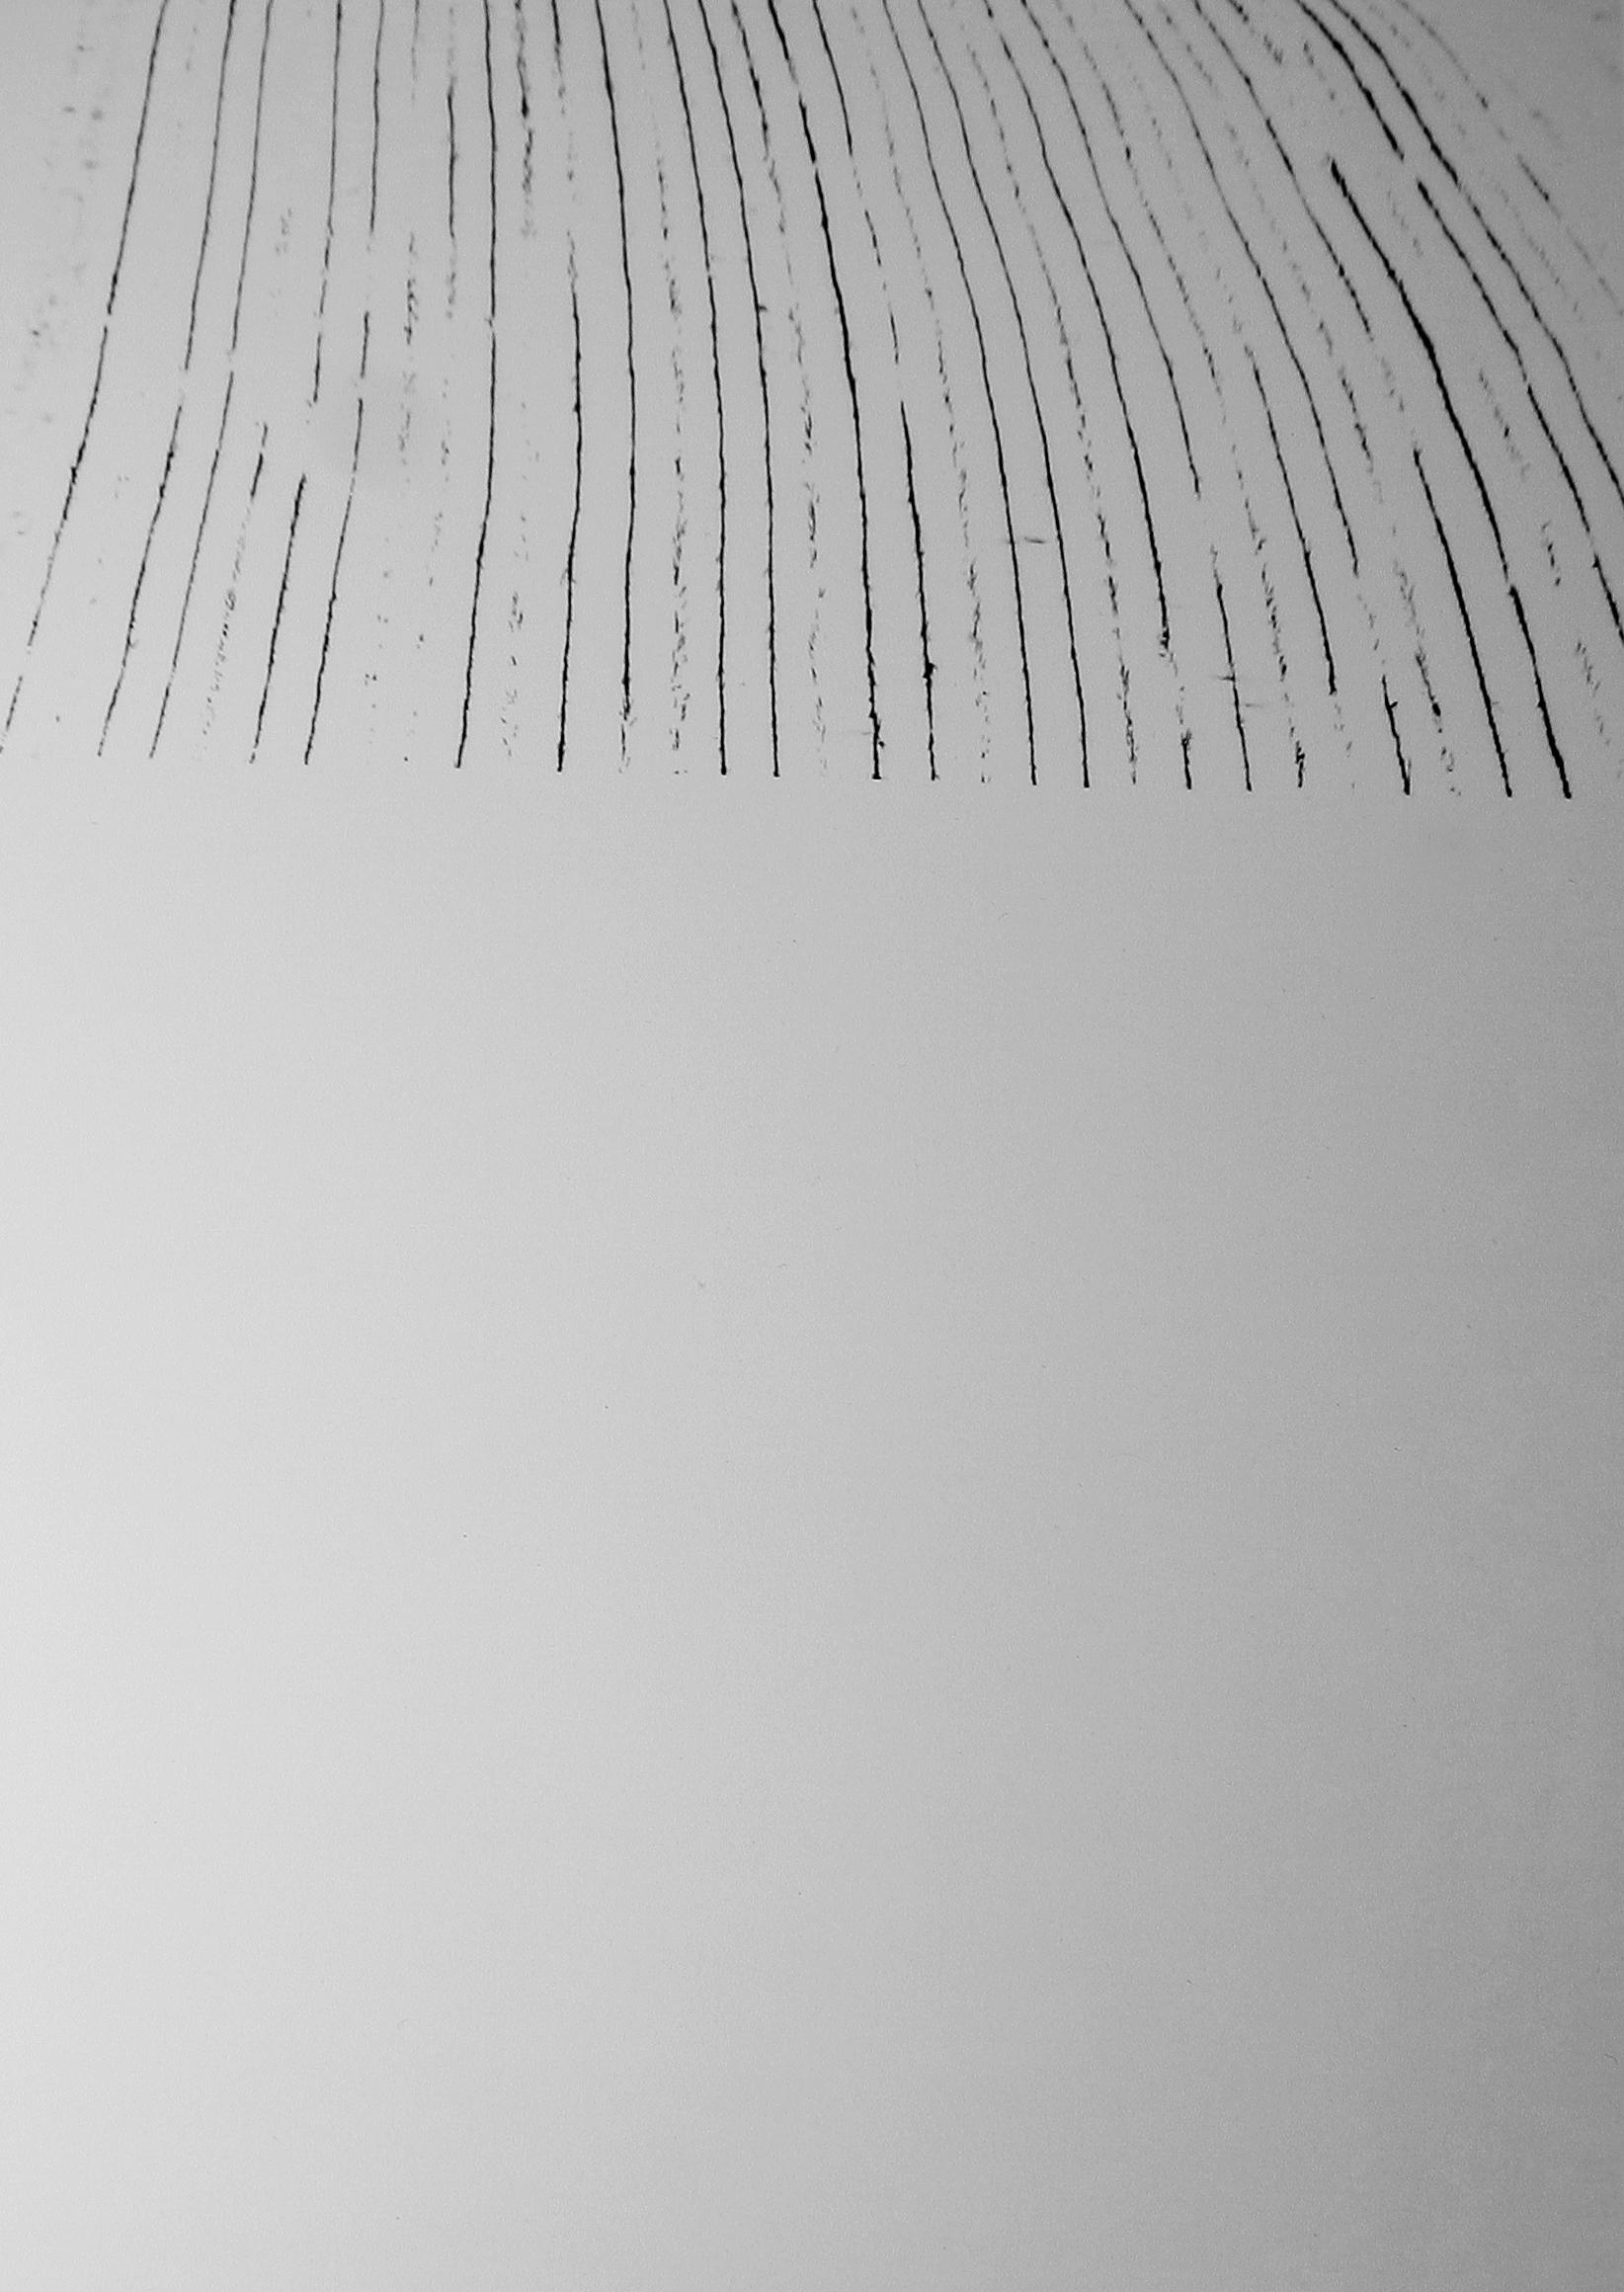 Brązowe Szkło OMF 2014 - Iwetta Gintowt-Paprocka - Pole